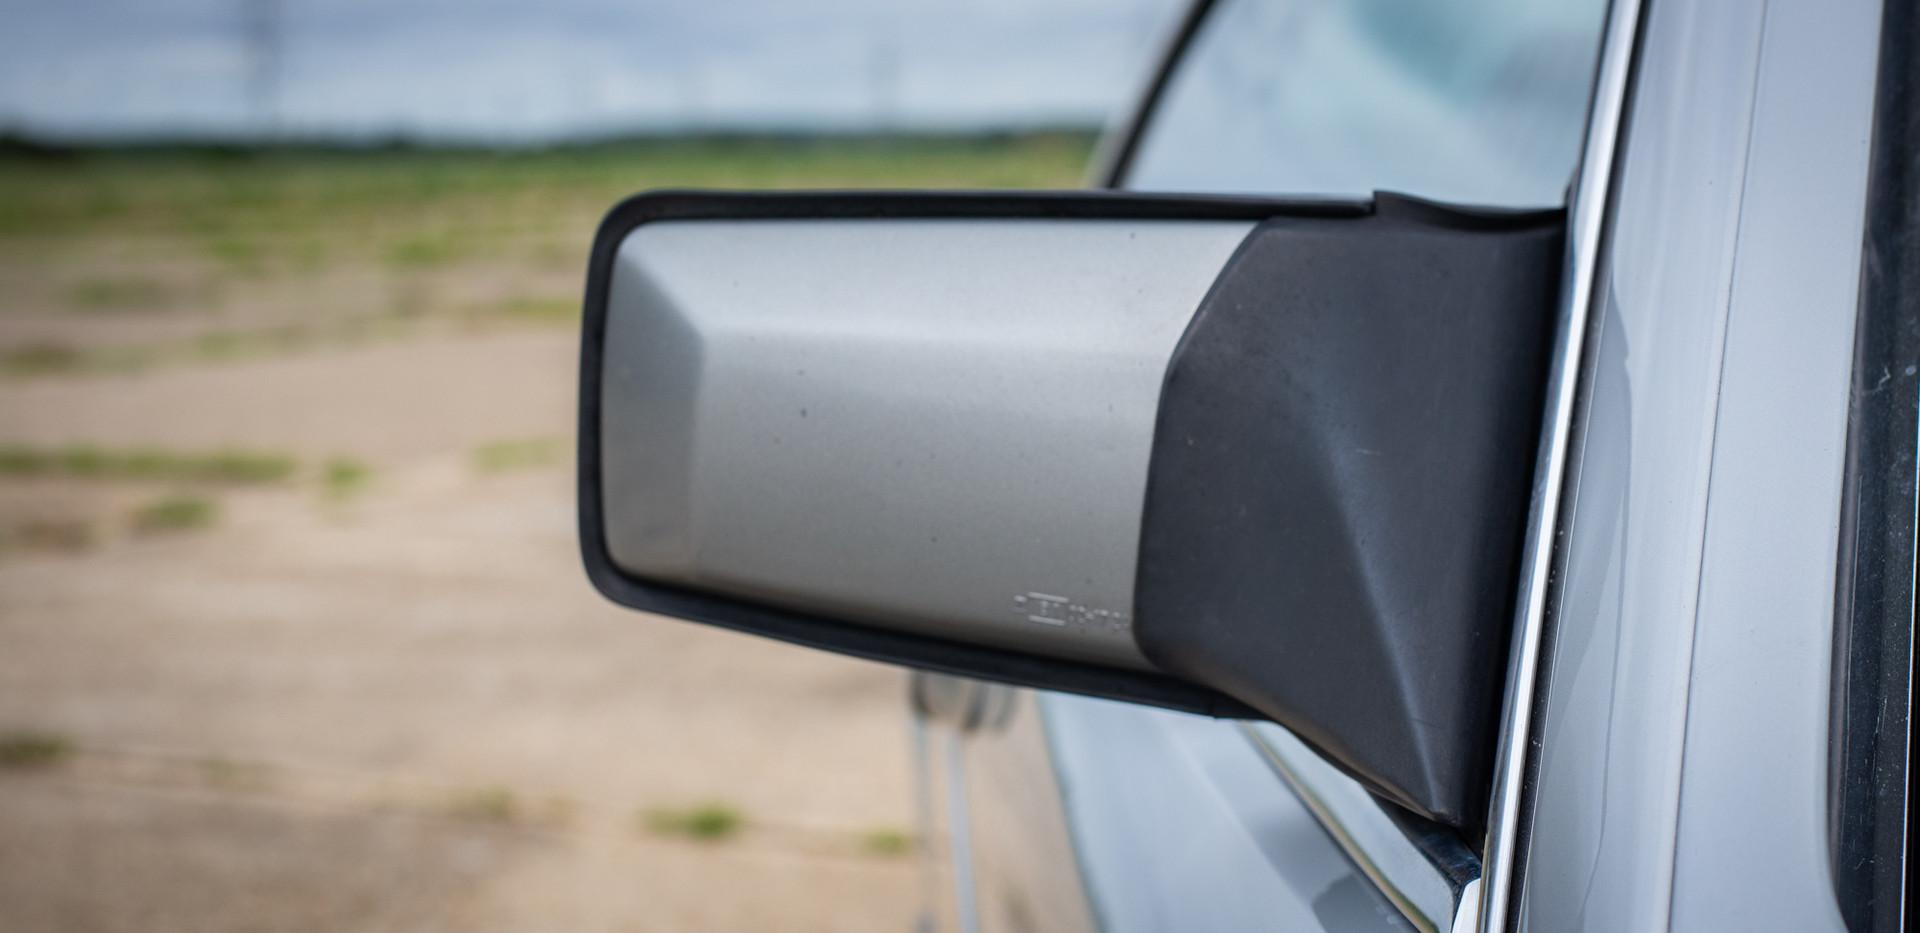 W126 420SEC - Uk for sale london-28.jpg